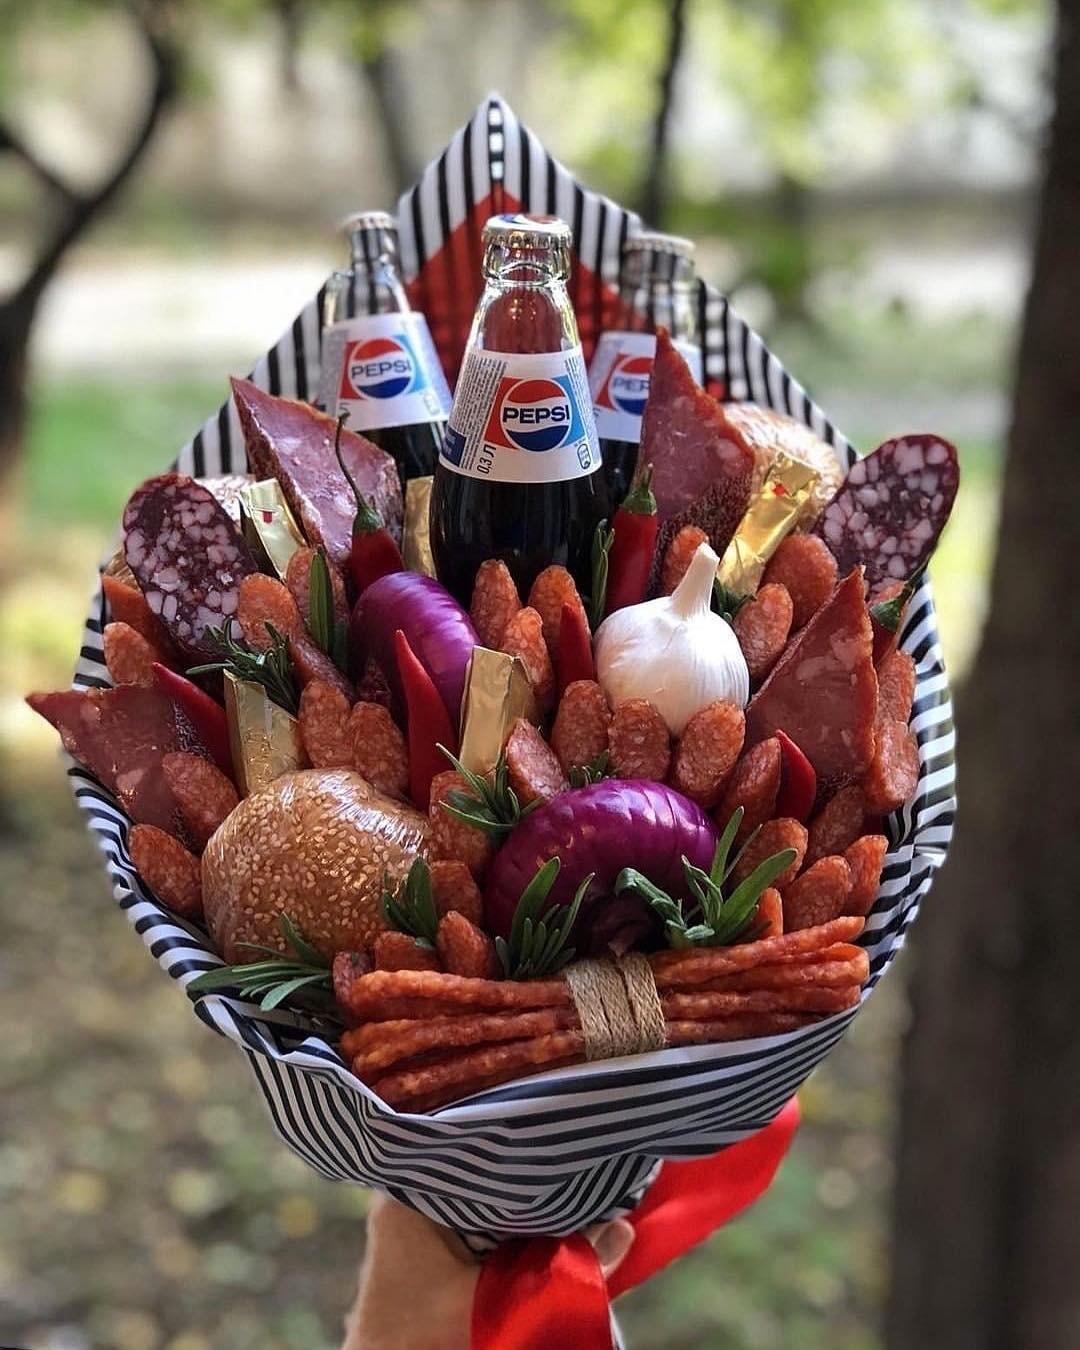 Букет на 23 февраля из продуктов, доставка цветов уфа круглосуточно сипайлово